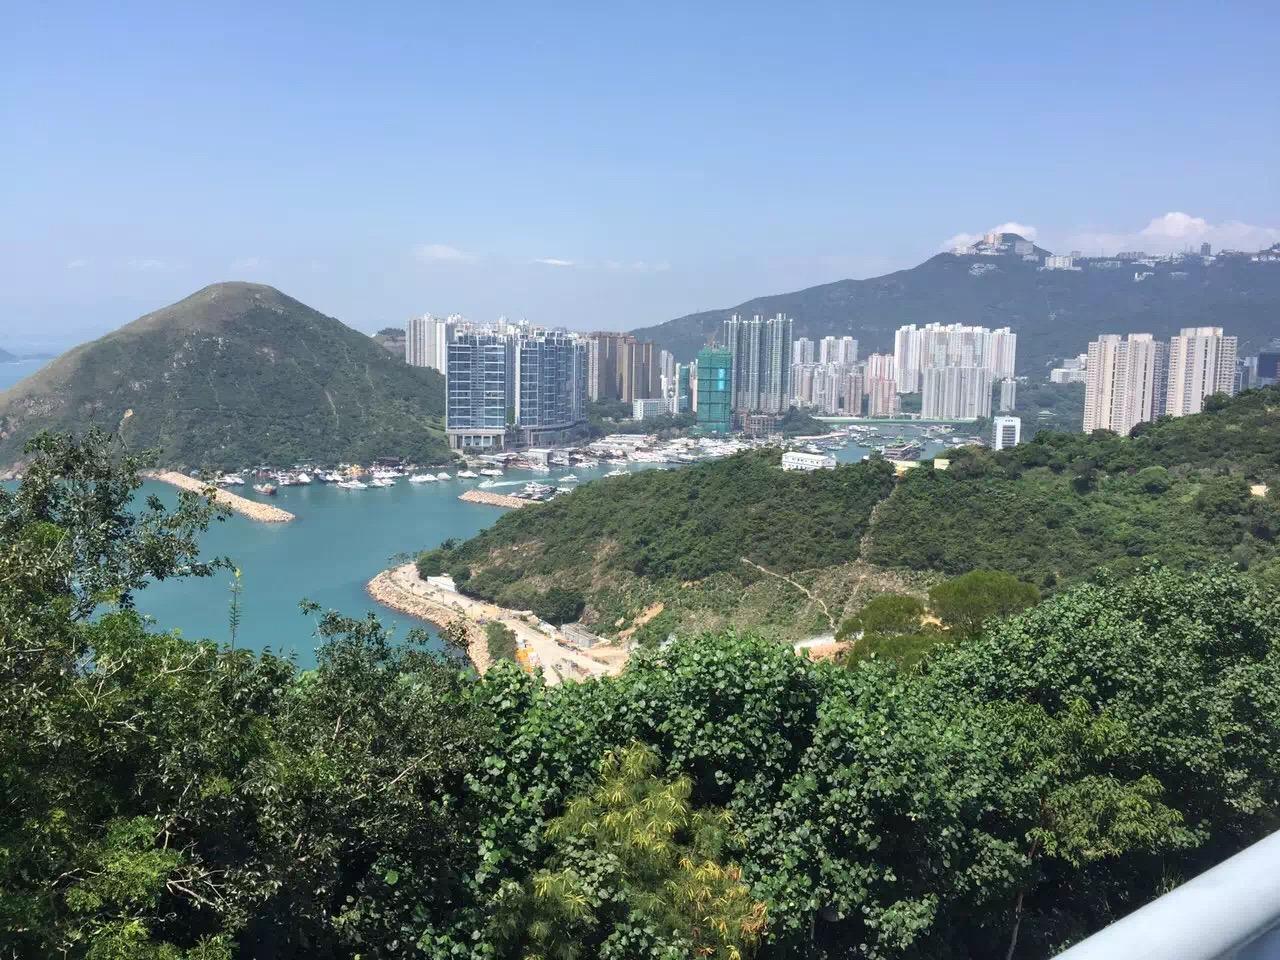 2019香港攻略攻略无双海洋,很多人去香港总是xbox游玩2公园大蛇图片